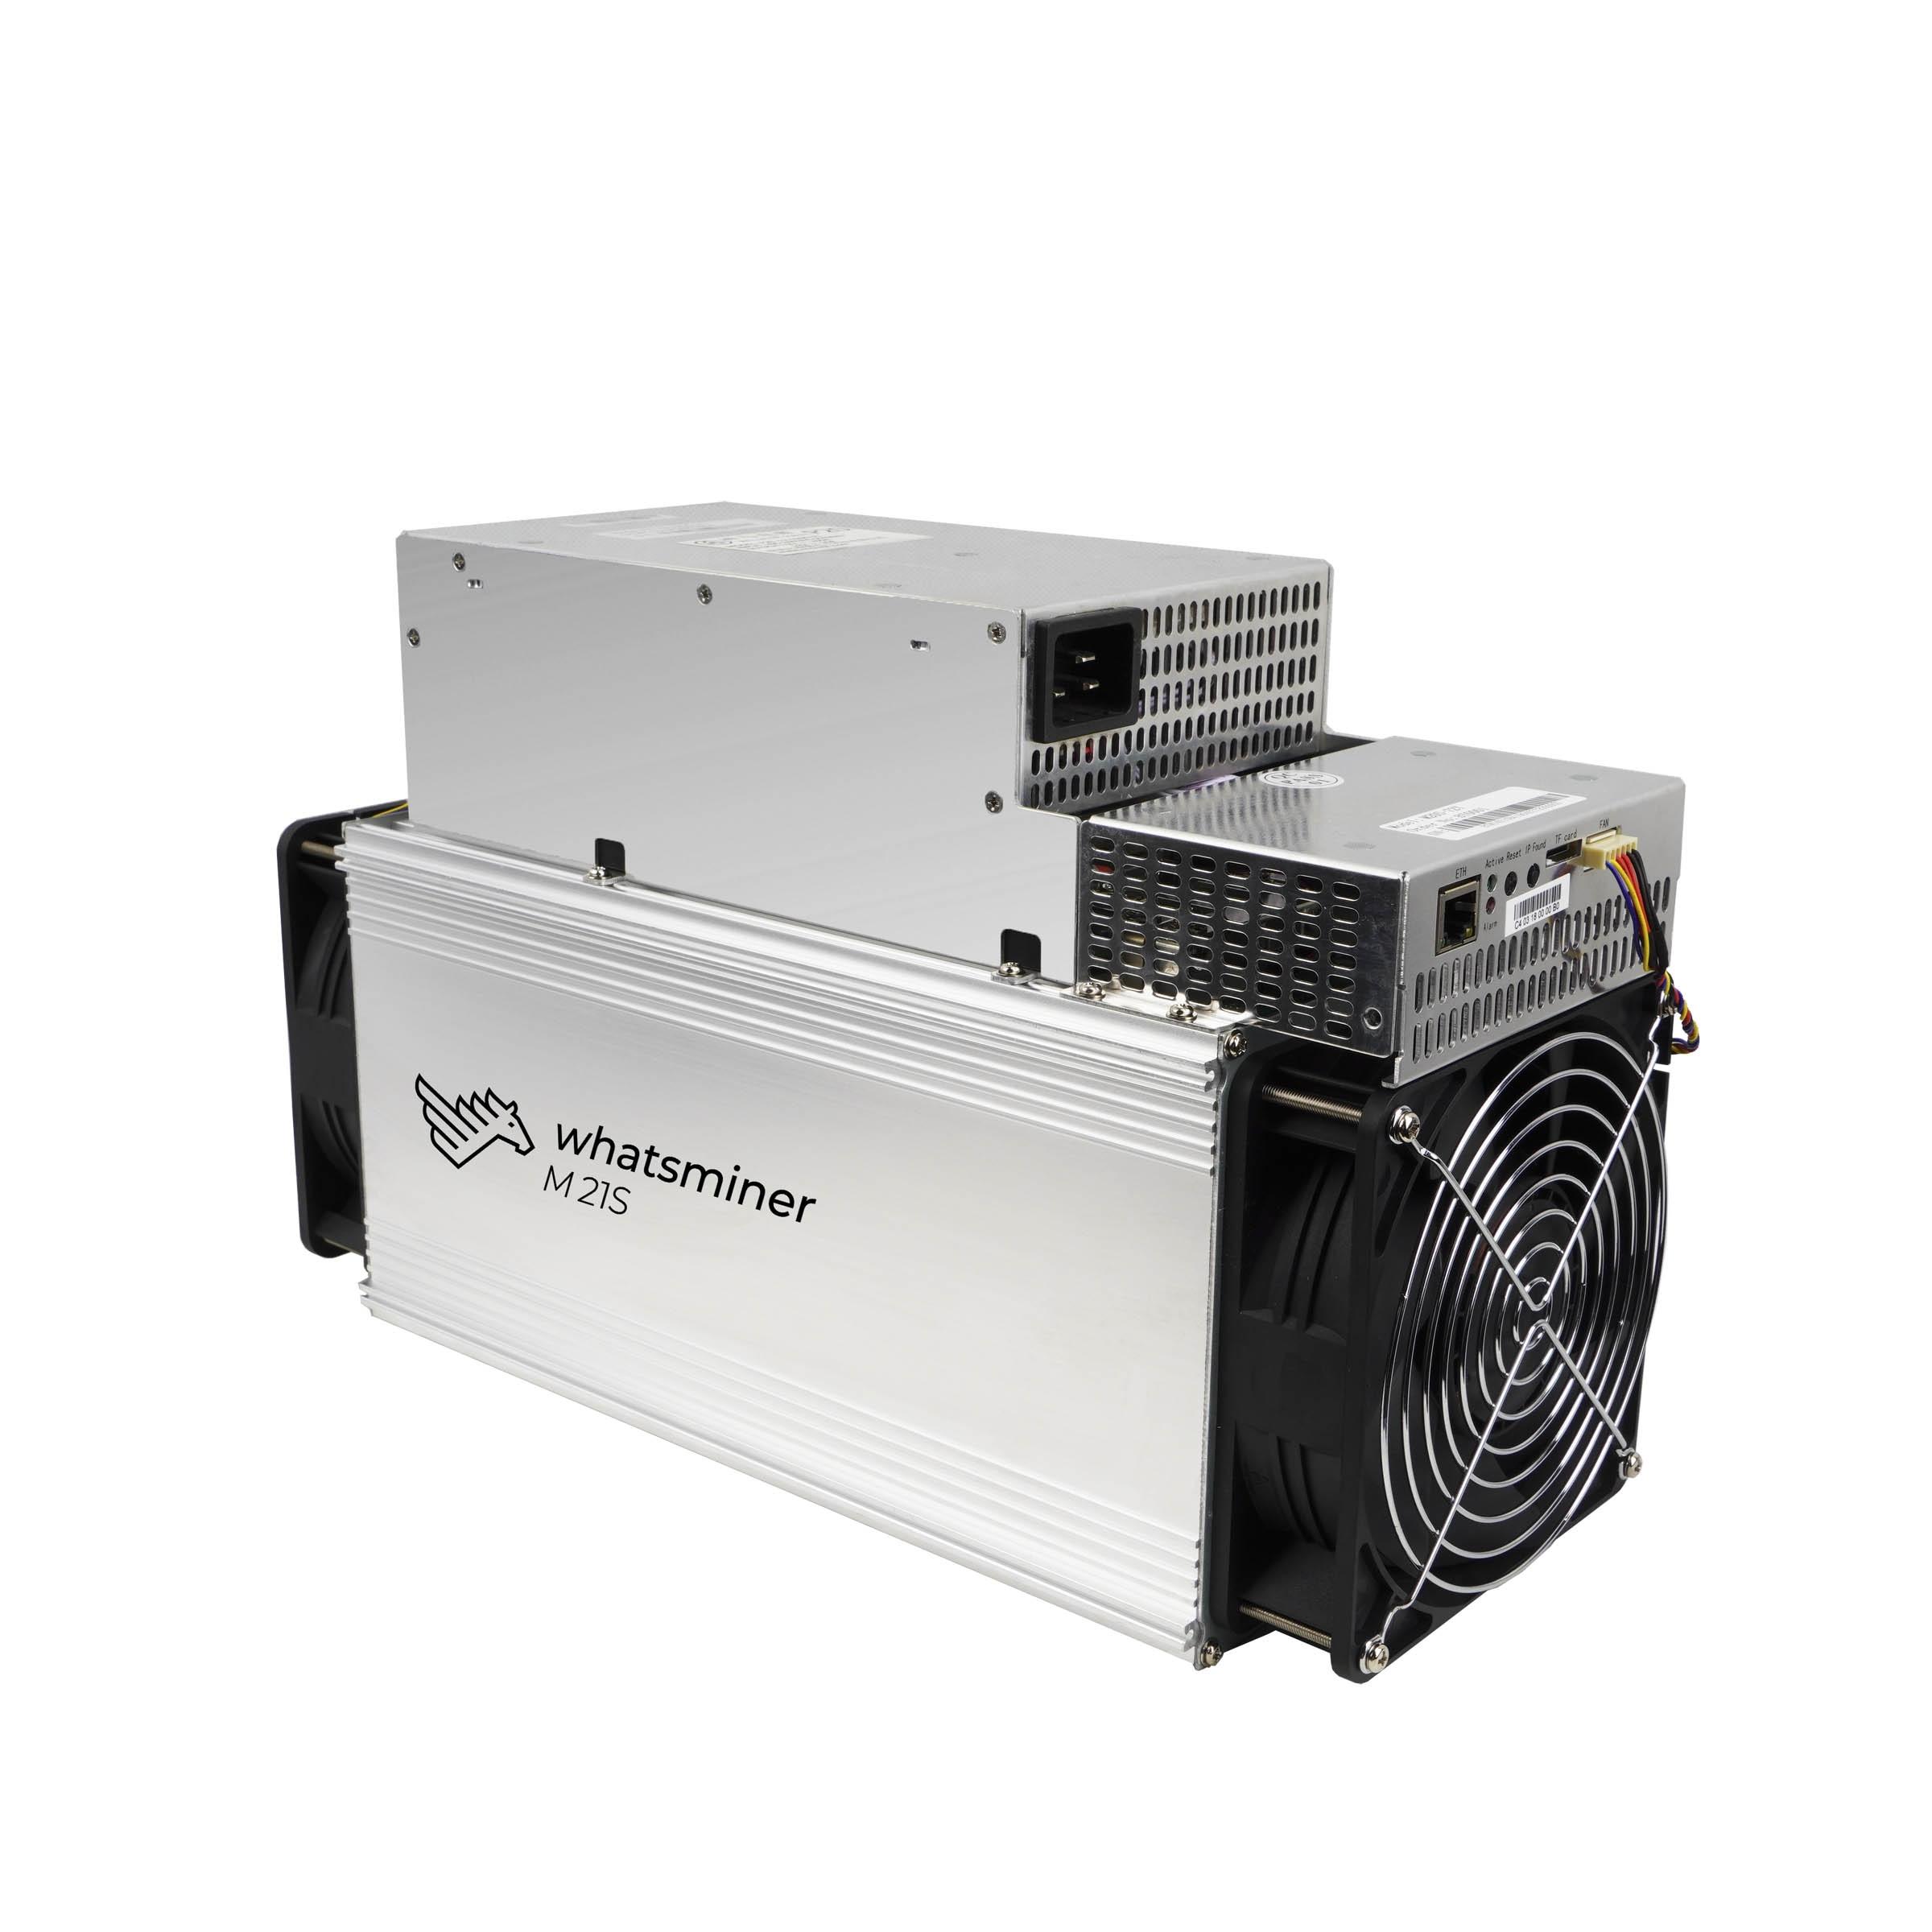 Nouveau BTC BCH mineur what sminer M21S 56T avec PSU Bitcoin Miner économique que Antminer S9 S11 S15 S17 S17 Pro T17 what sminer M3